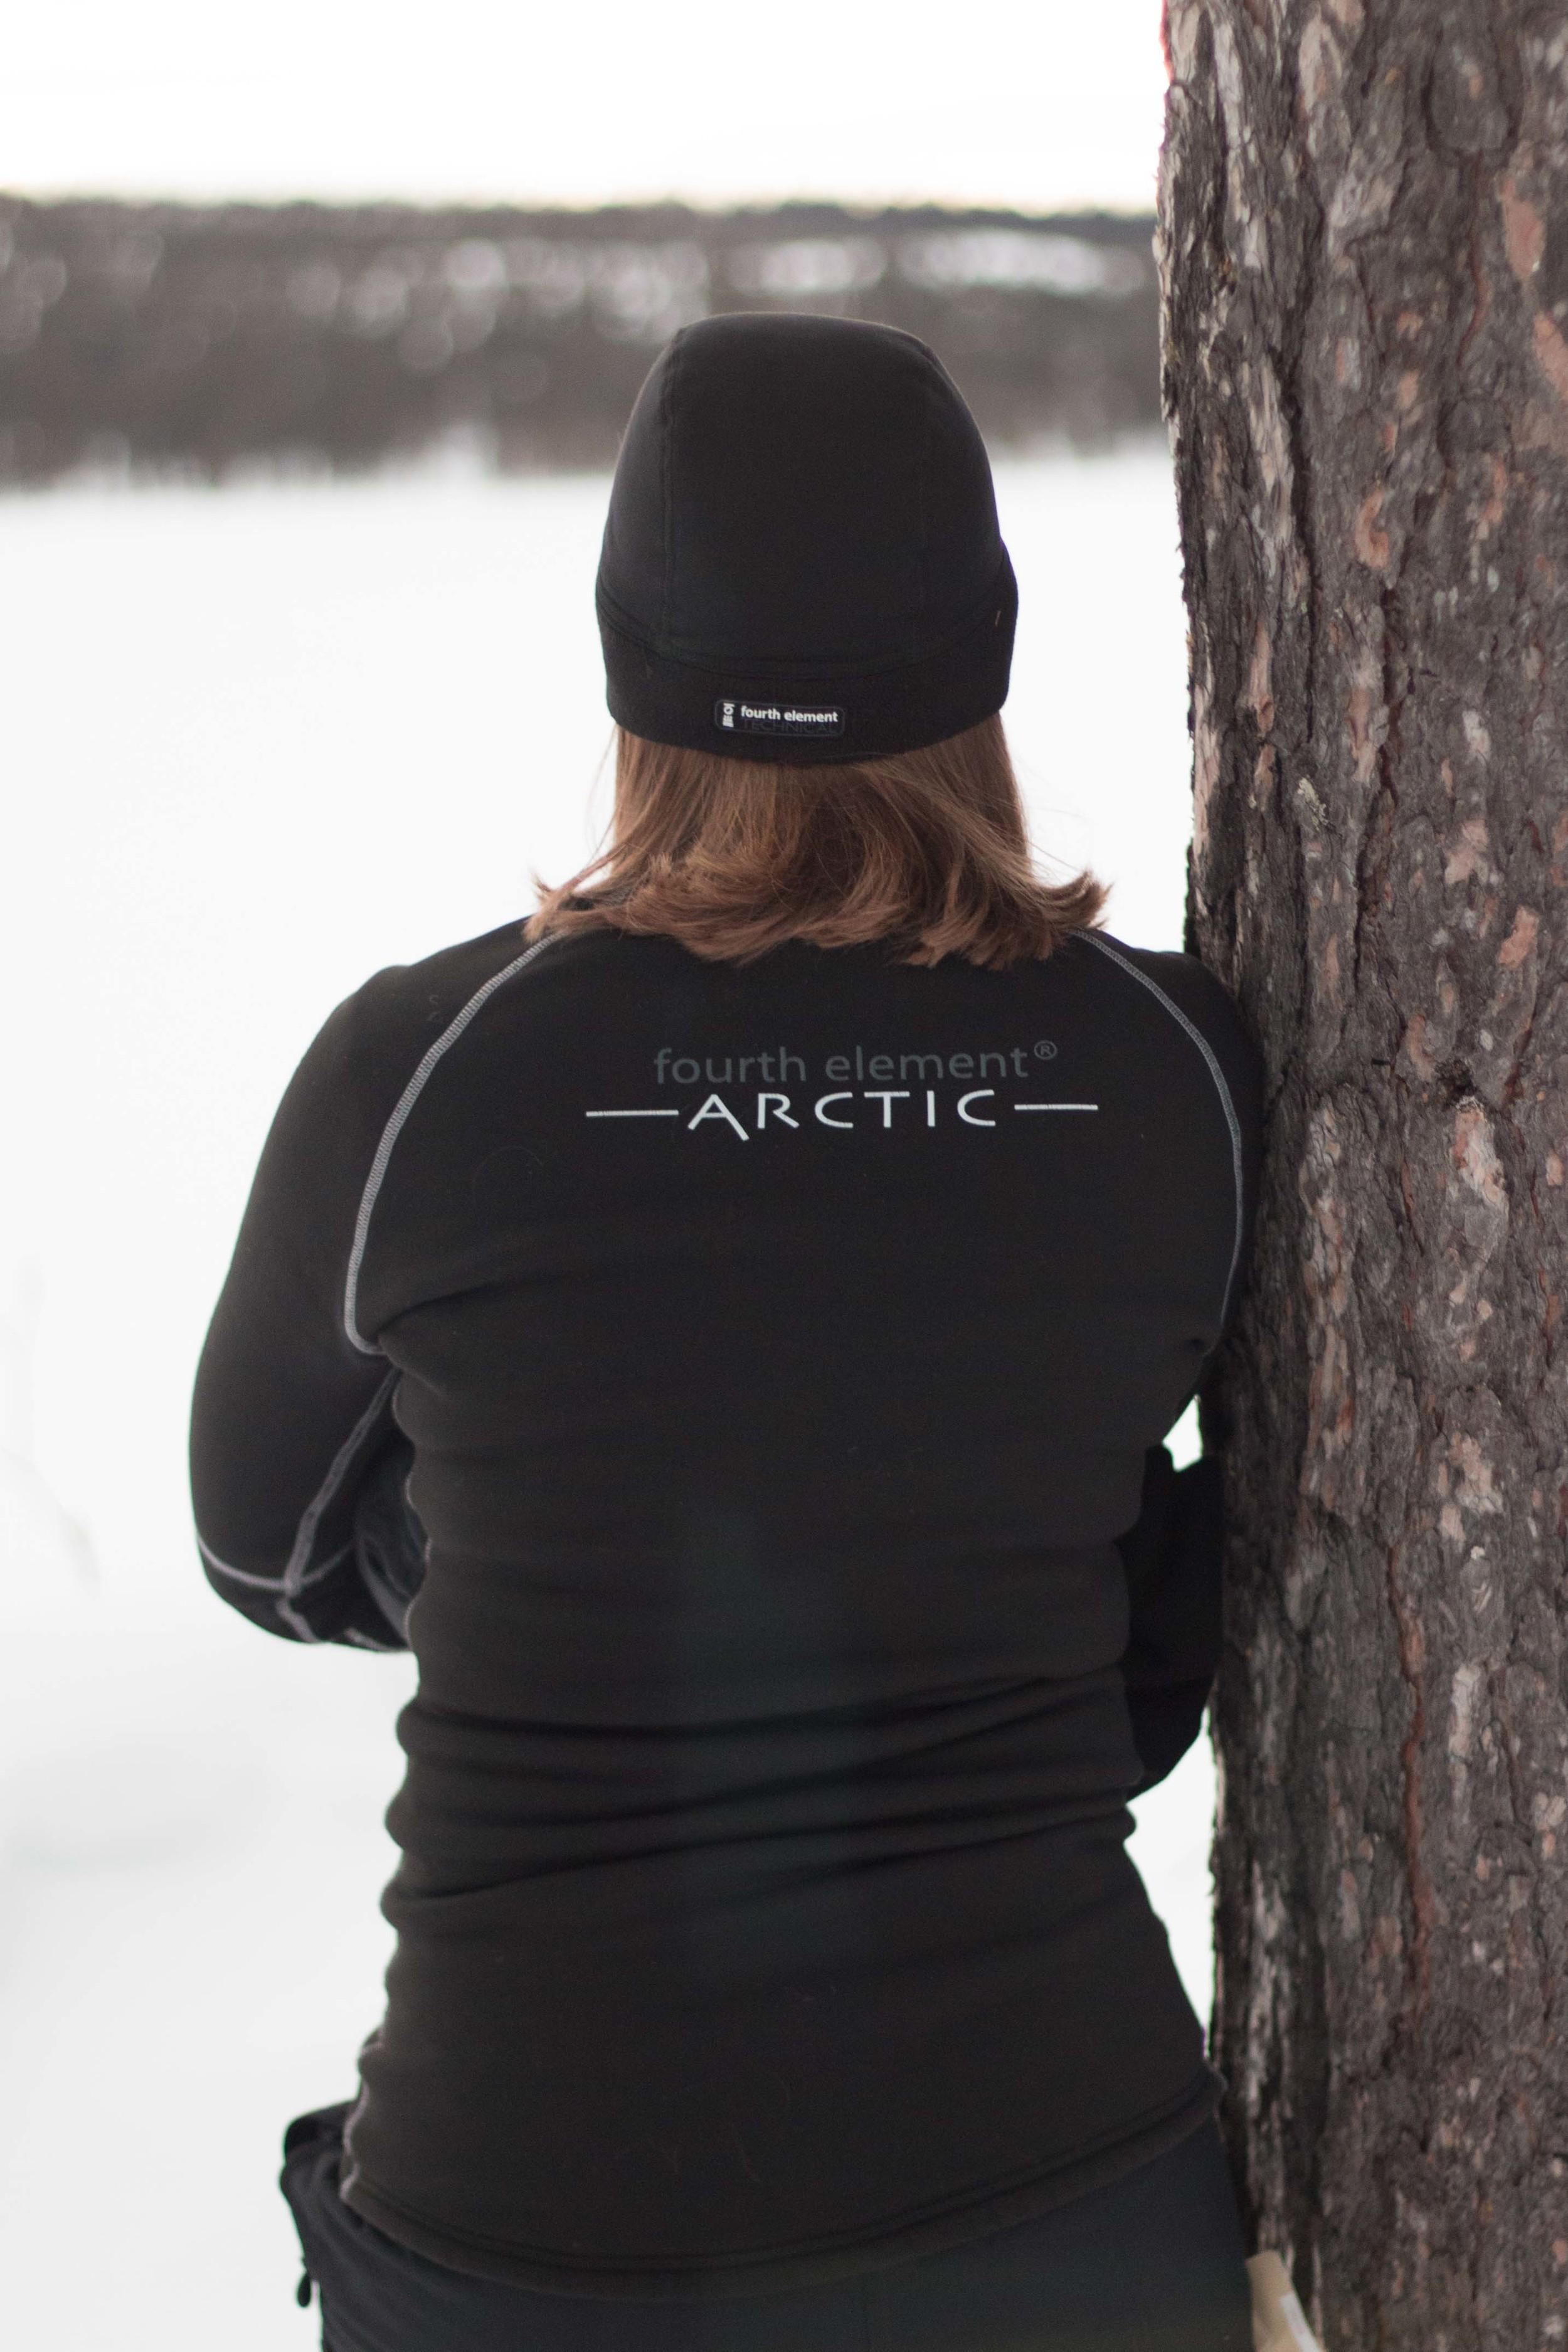 Fourht Element Arctic drysuit undergarments - not just for diving